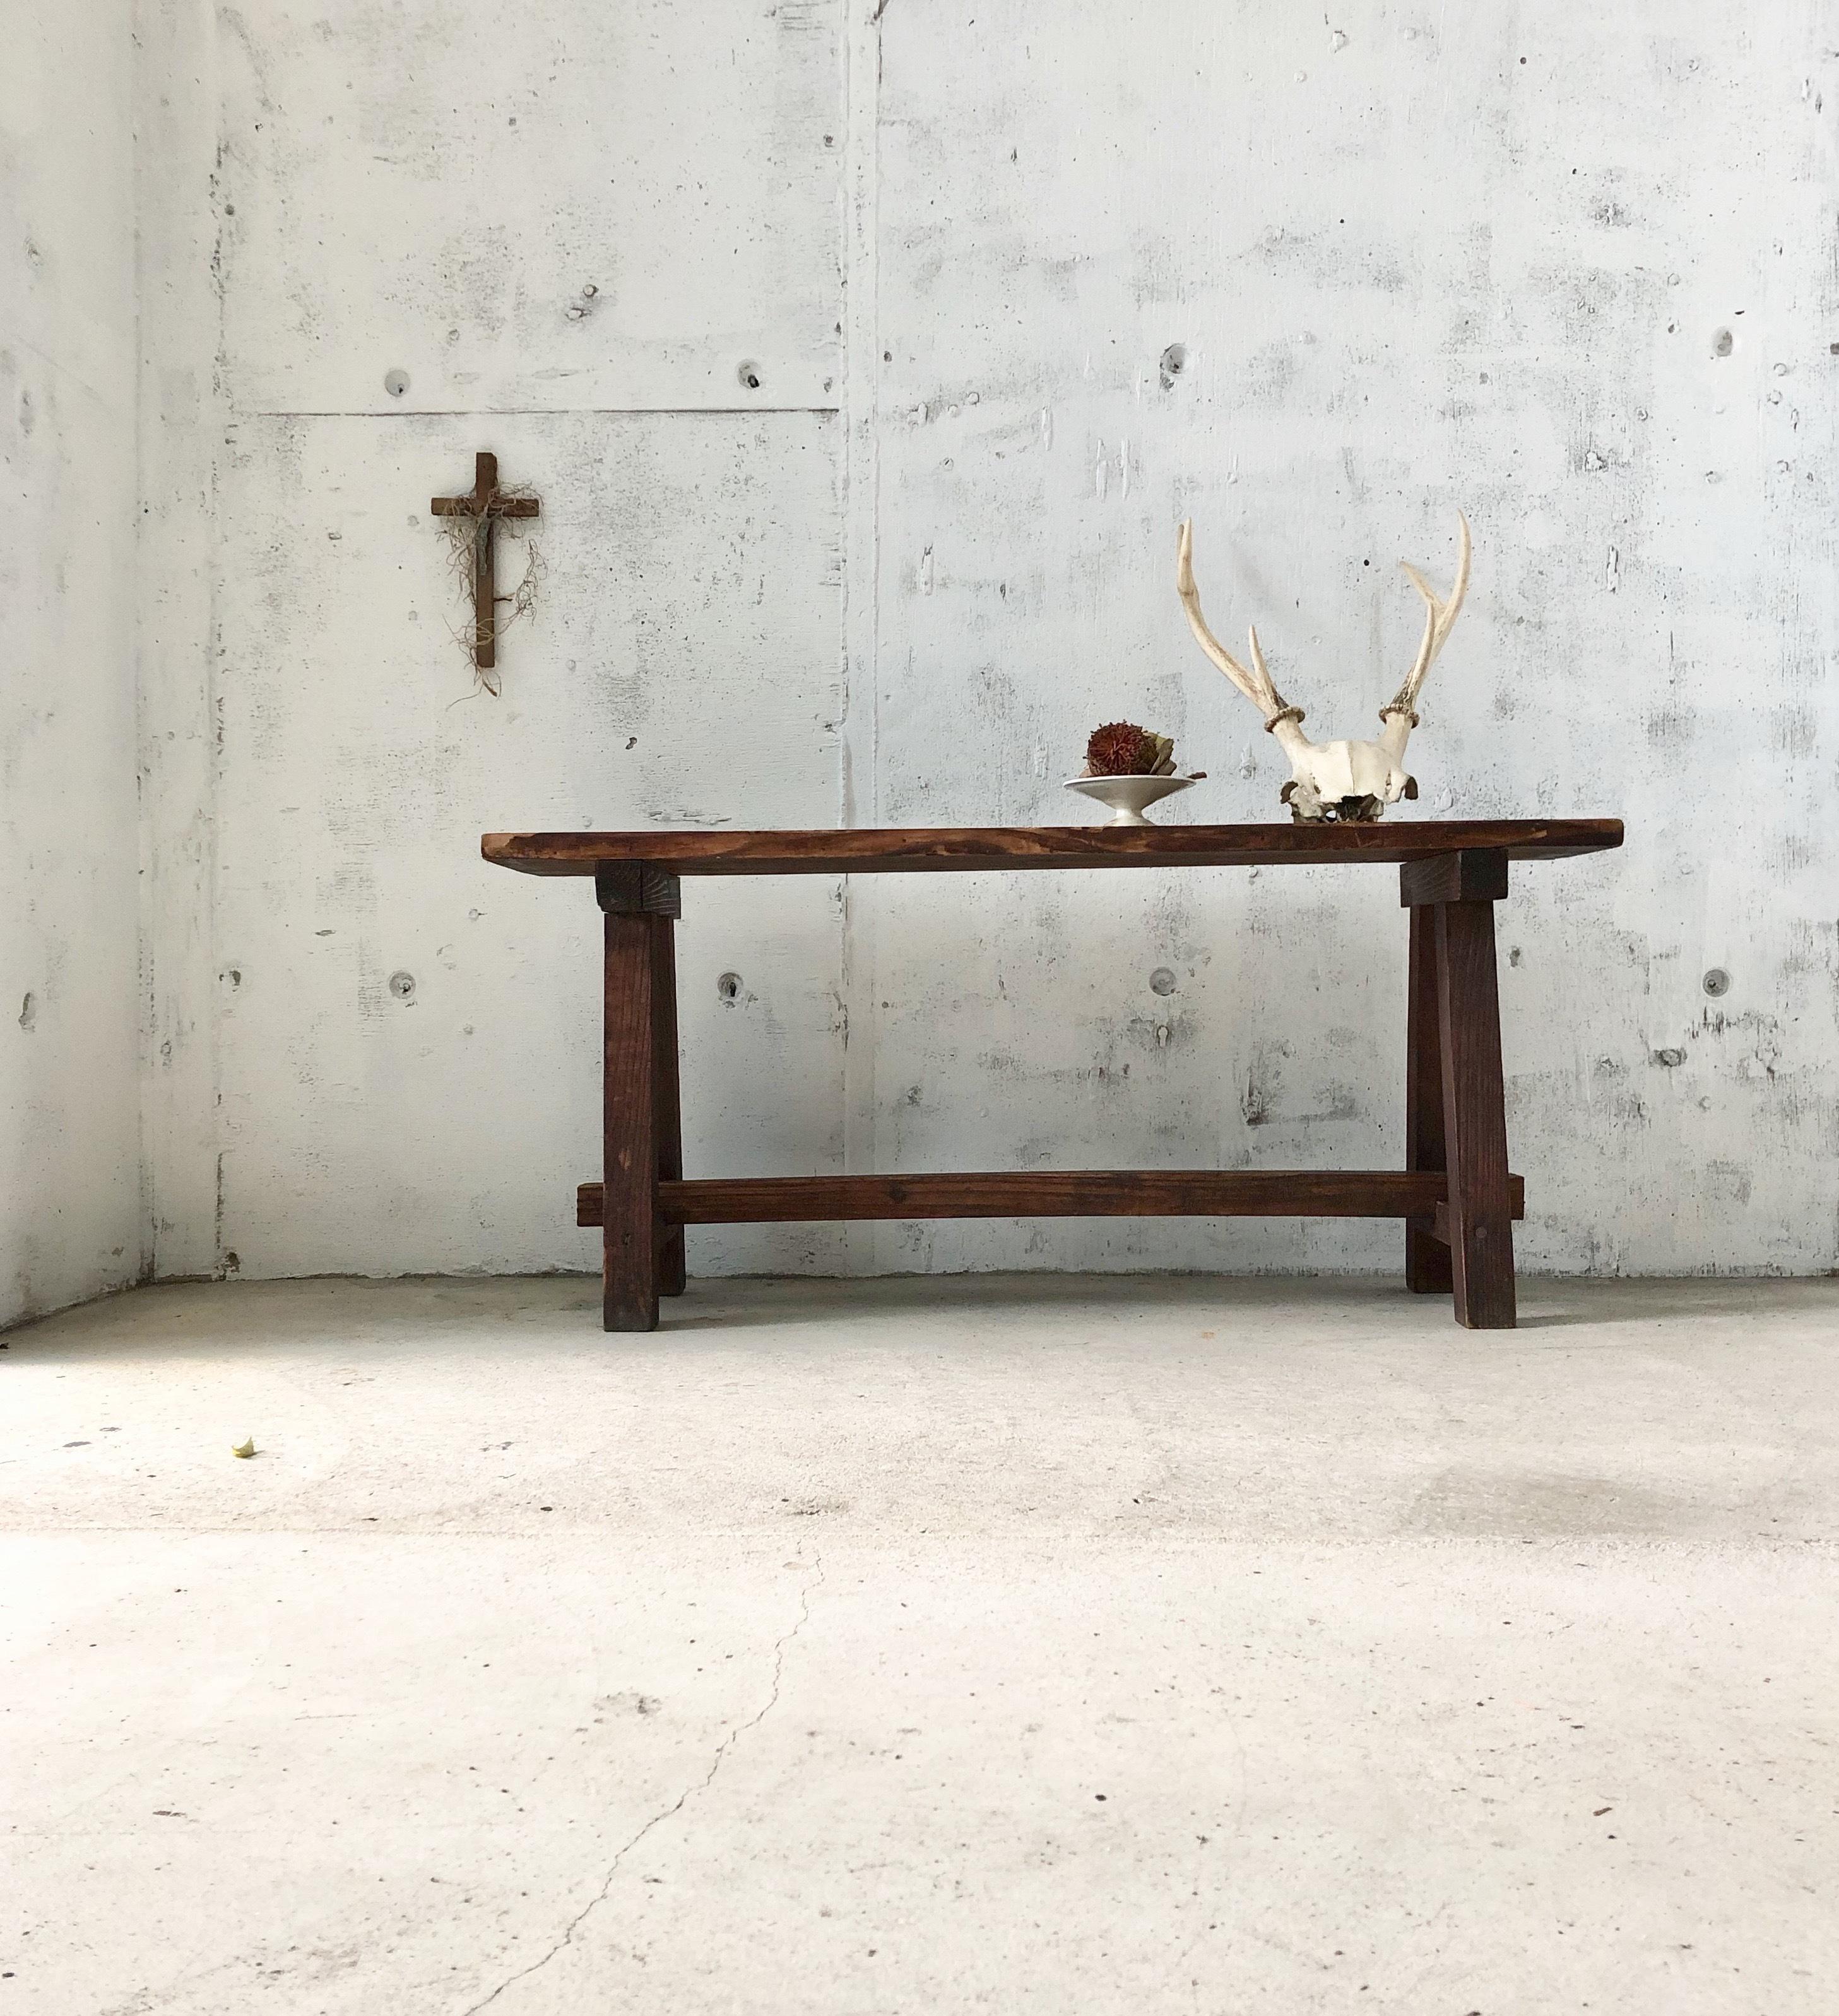 上品な佇まいの木製ベンチ[古家具]